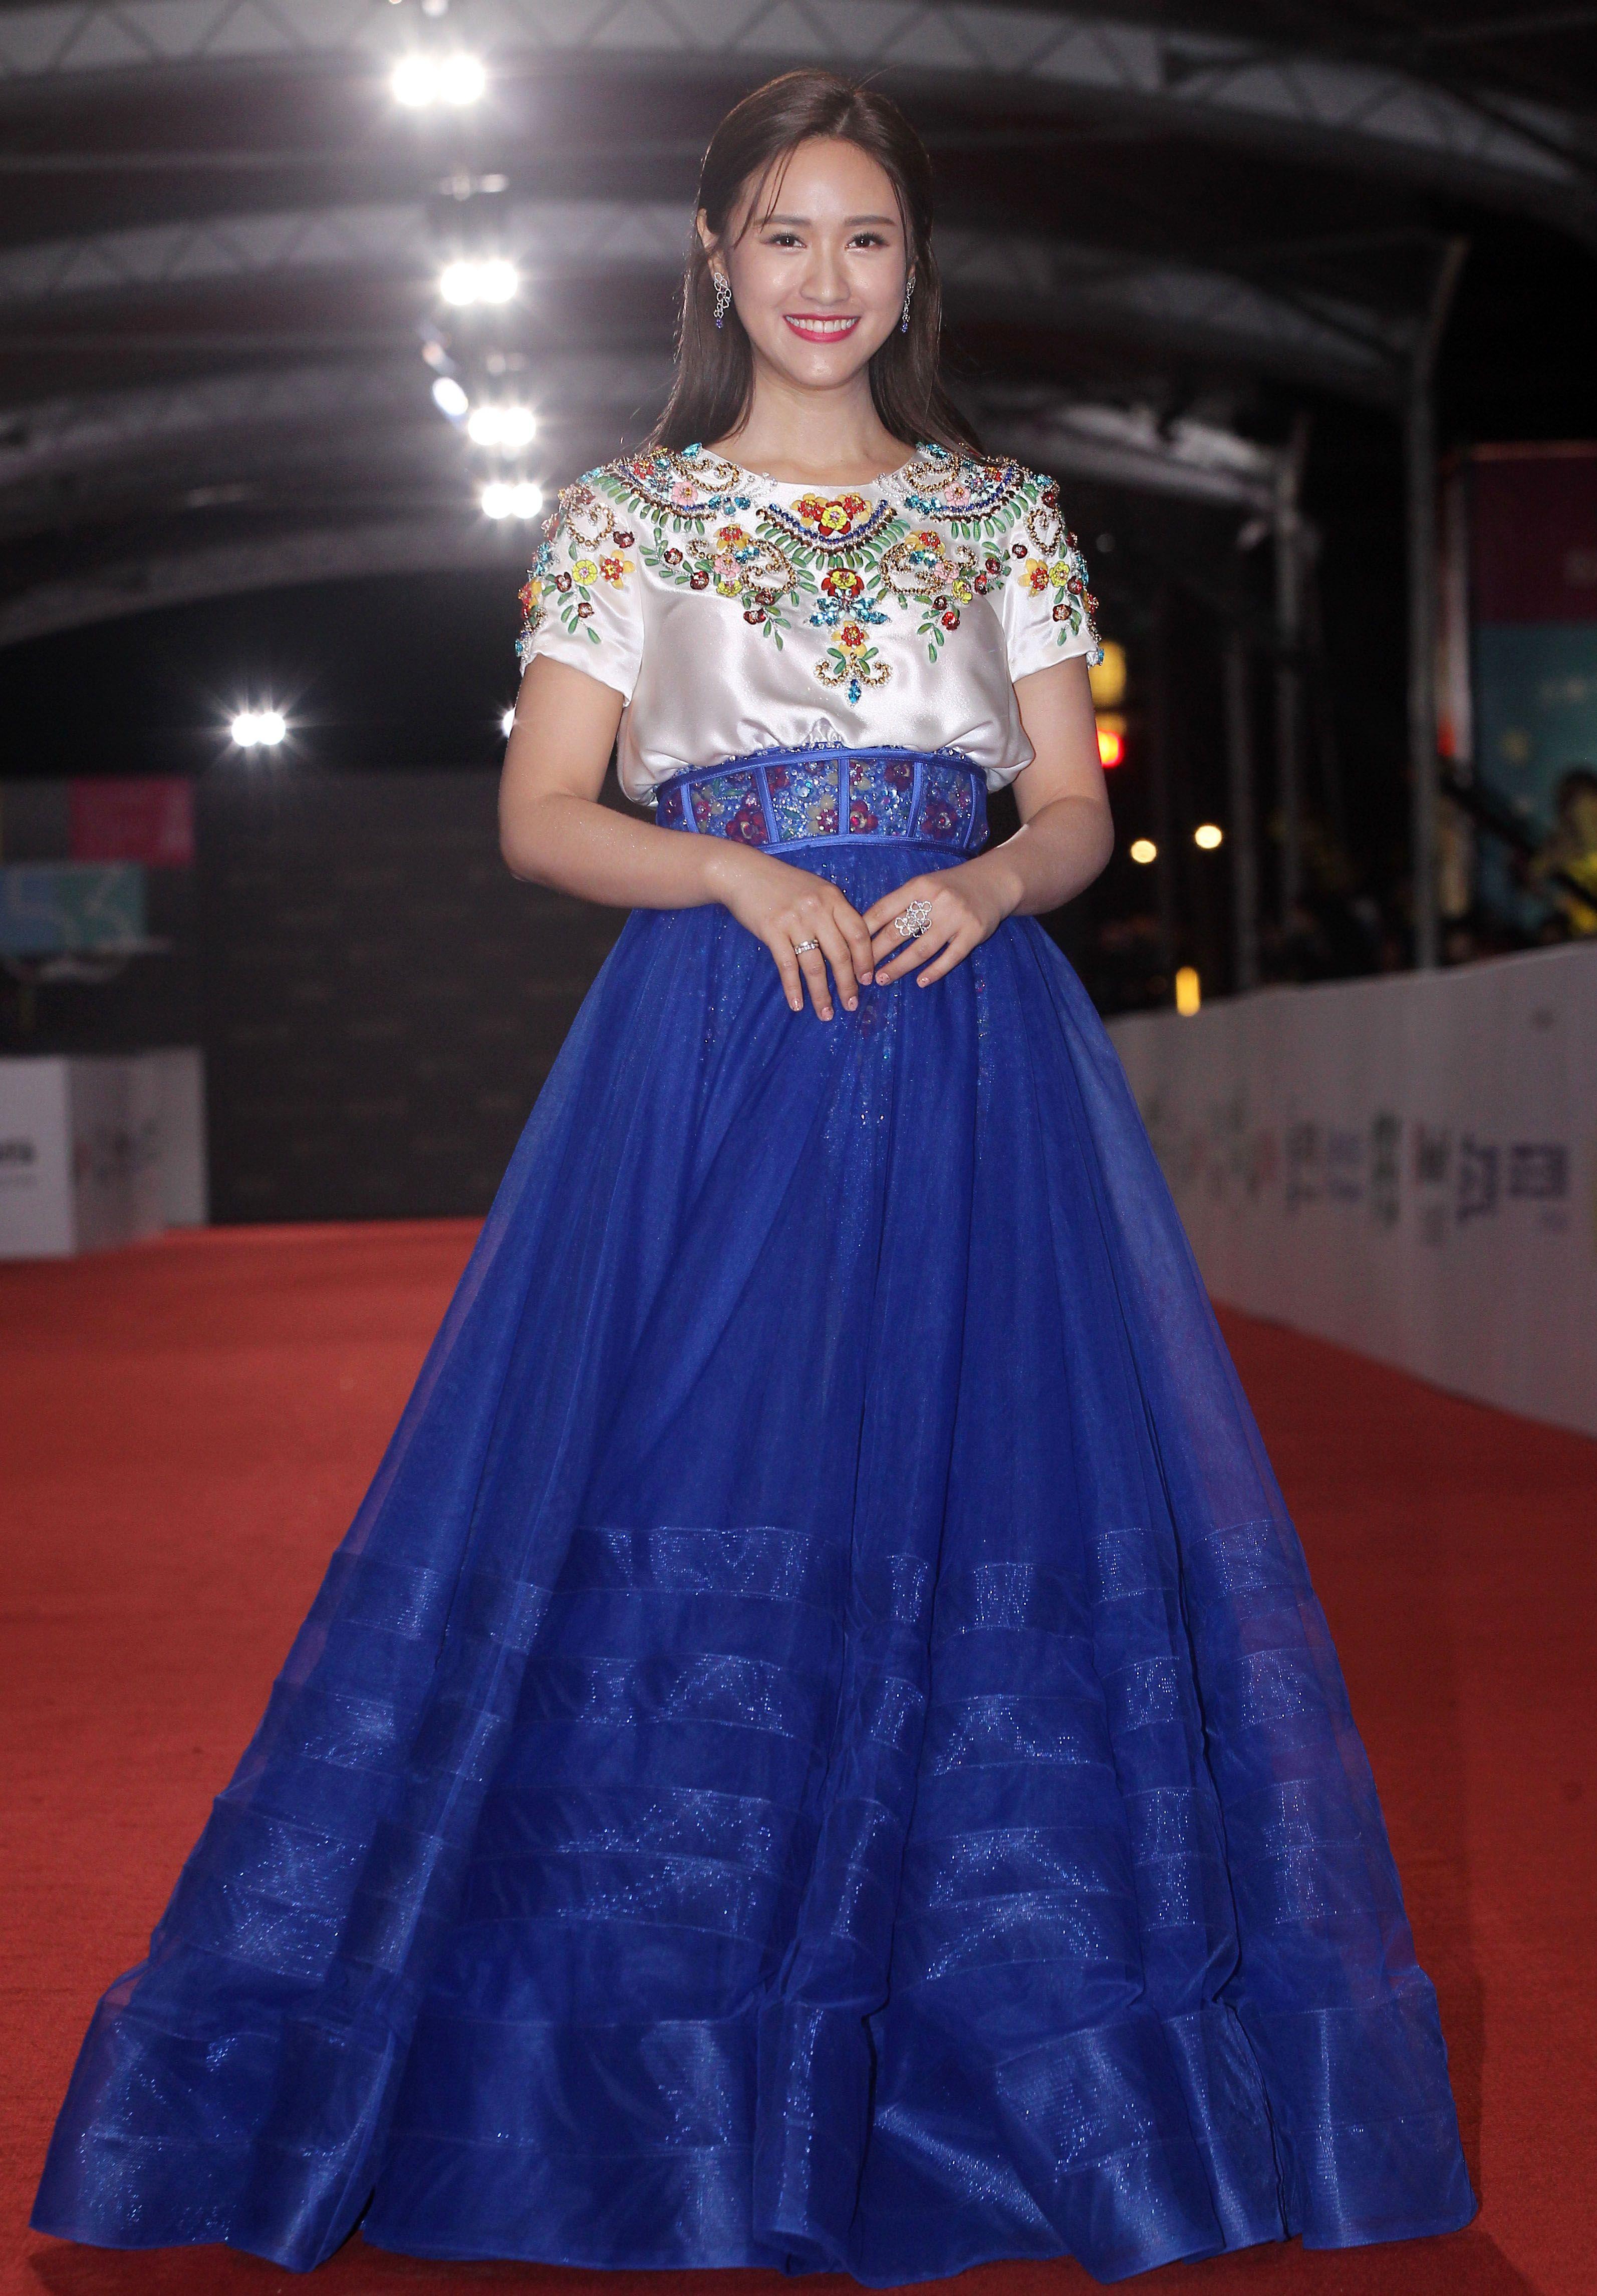 第53屆金鐘獎頒獎典禮星光大道星光大道,紅毯女星可說是風格超多樣化,七彩禮服全部上場爭艷。(記者邱榮吉/攝影)